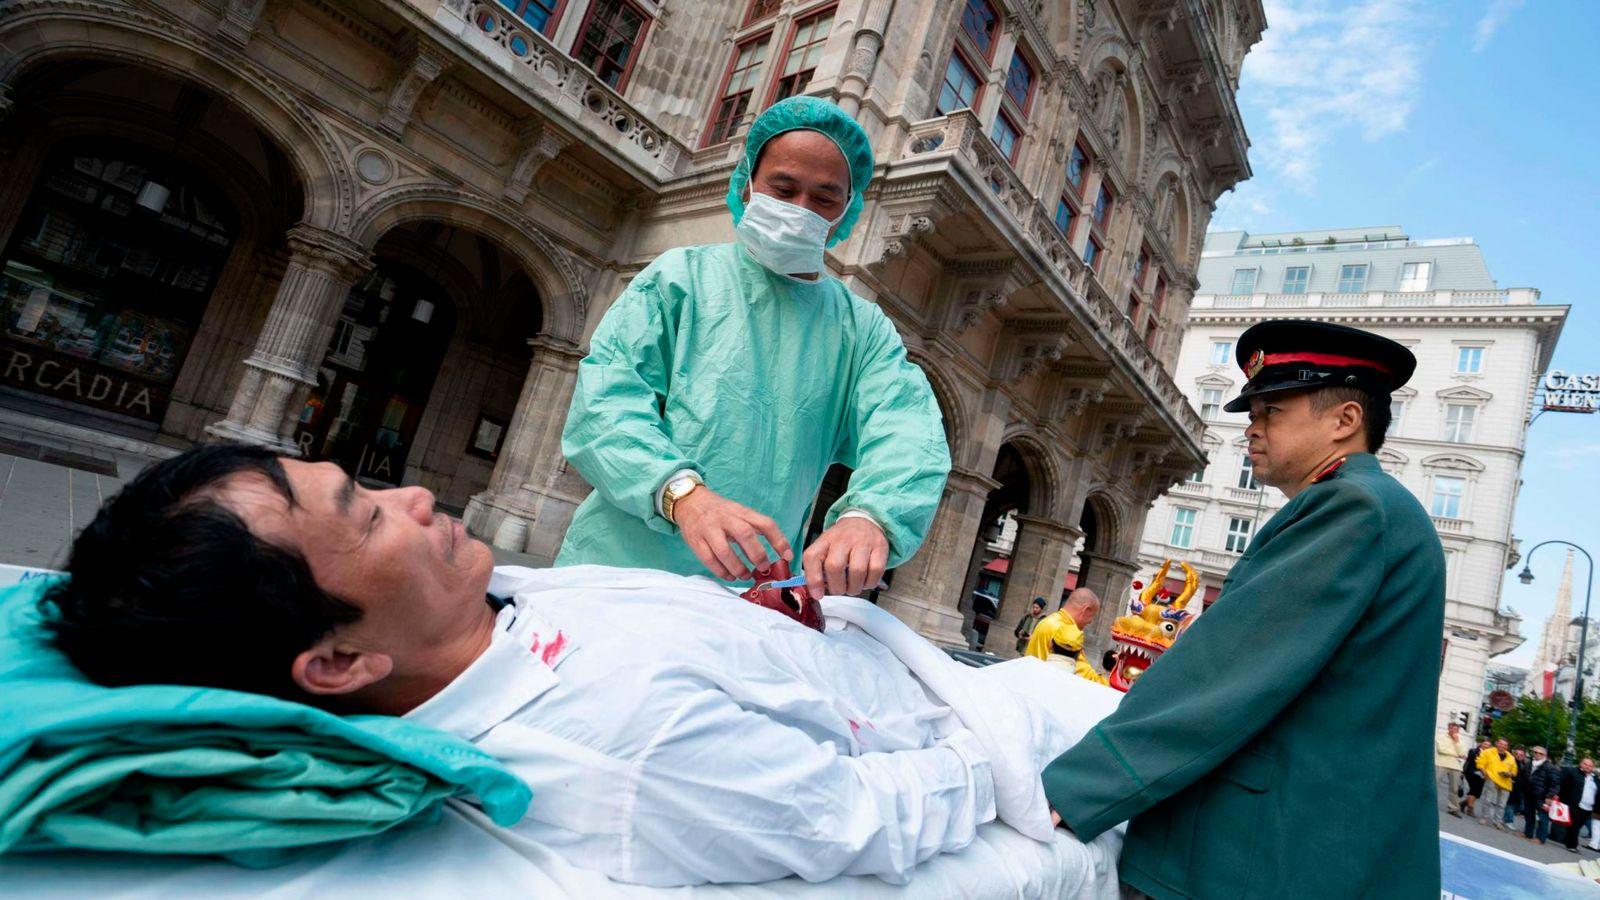 Các nhà hoạt động ở Vienna đang diễn lại cảnh mổ cướp nội tạng ở Trung Quốc, tại một sự kiện năm 2018. (Ảnh qua news.sky.com)